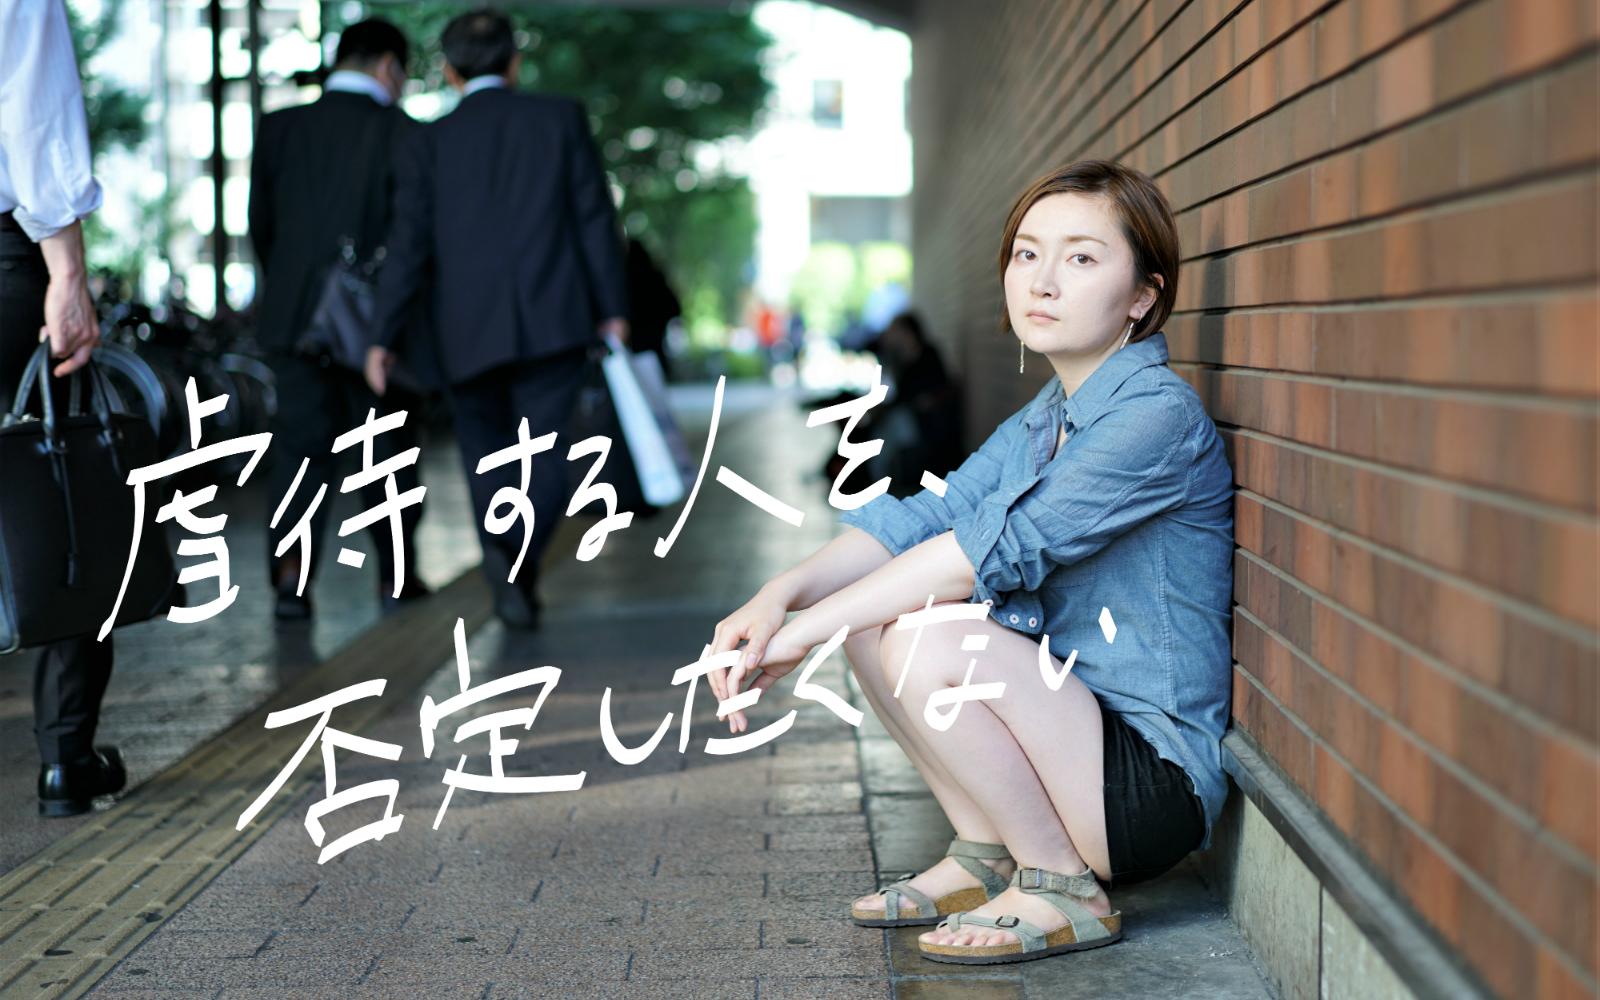 虐待する親を否定しない支援。親を責めたいわけじゃないけど、避難したかった。-作家・田村真菜さんインタビュー(後編)